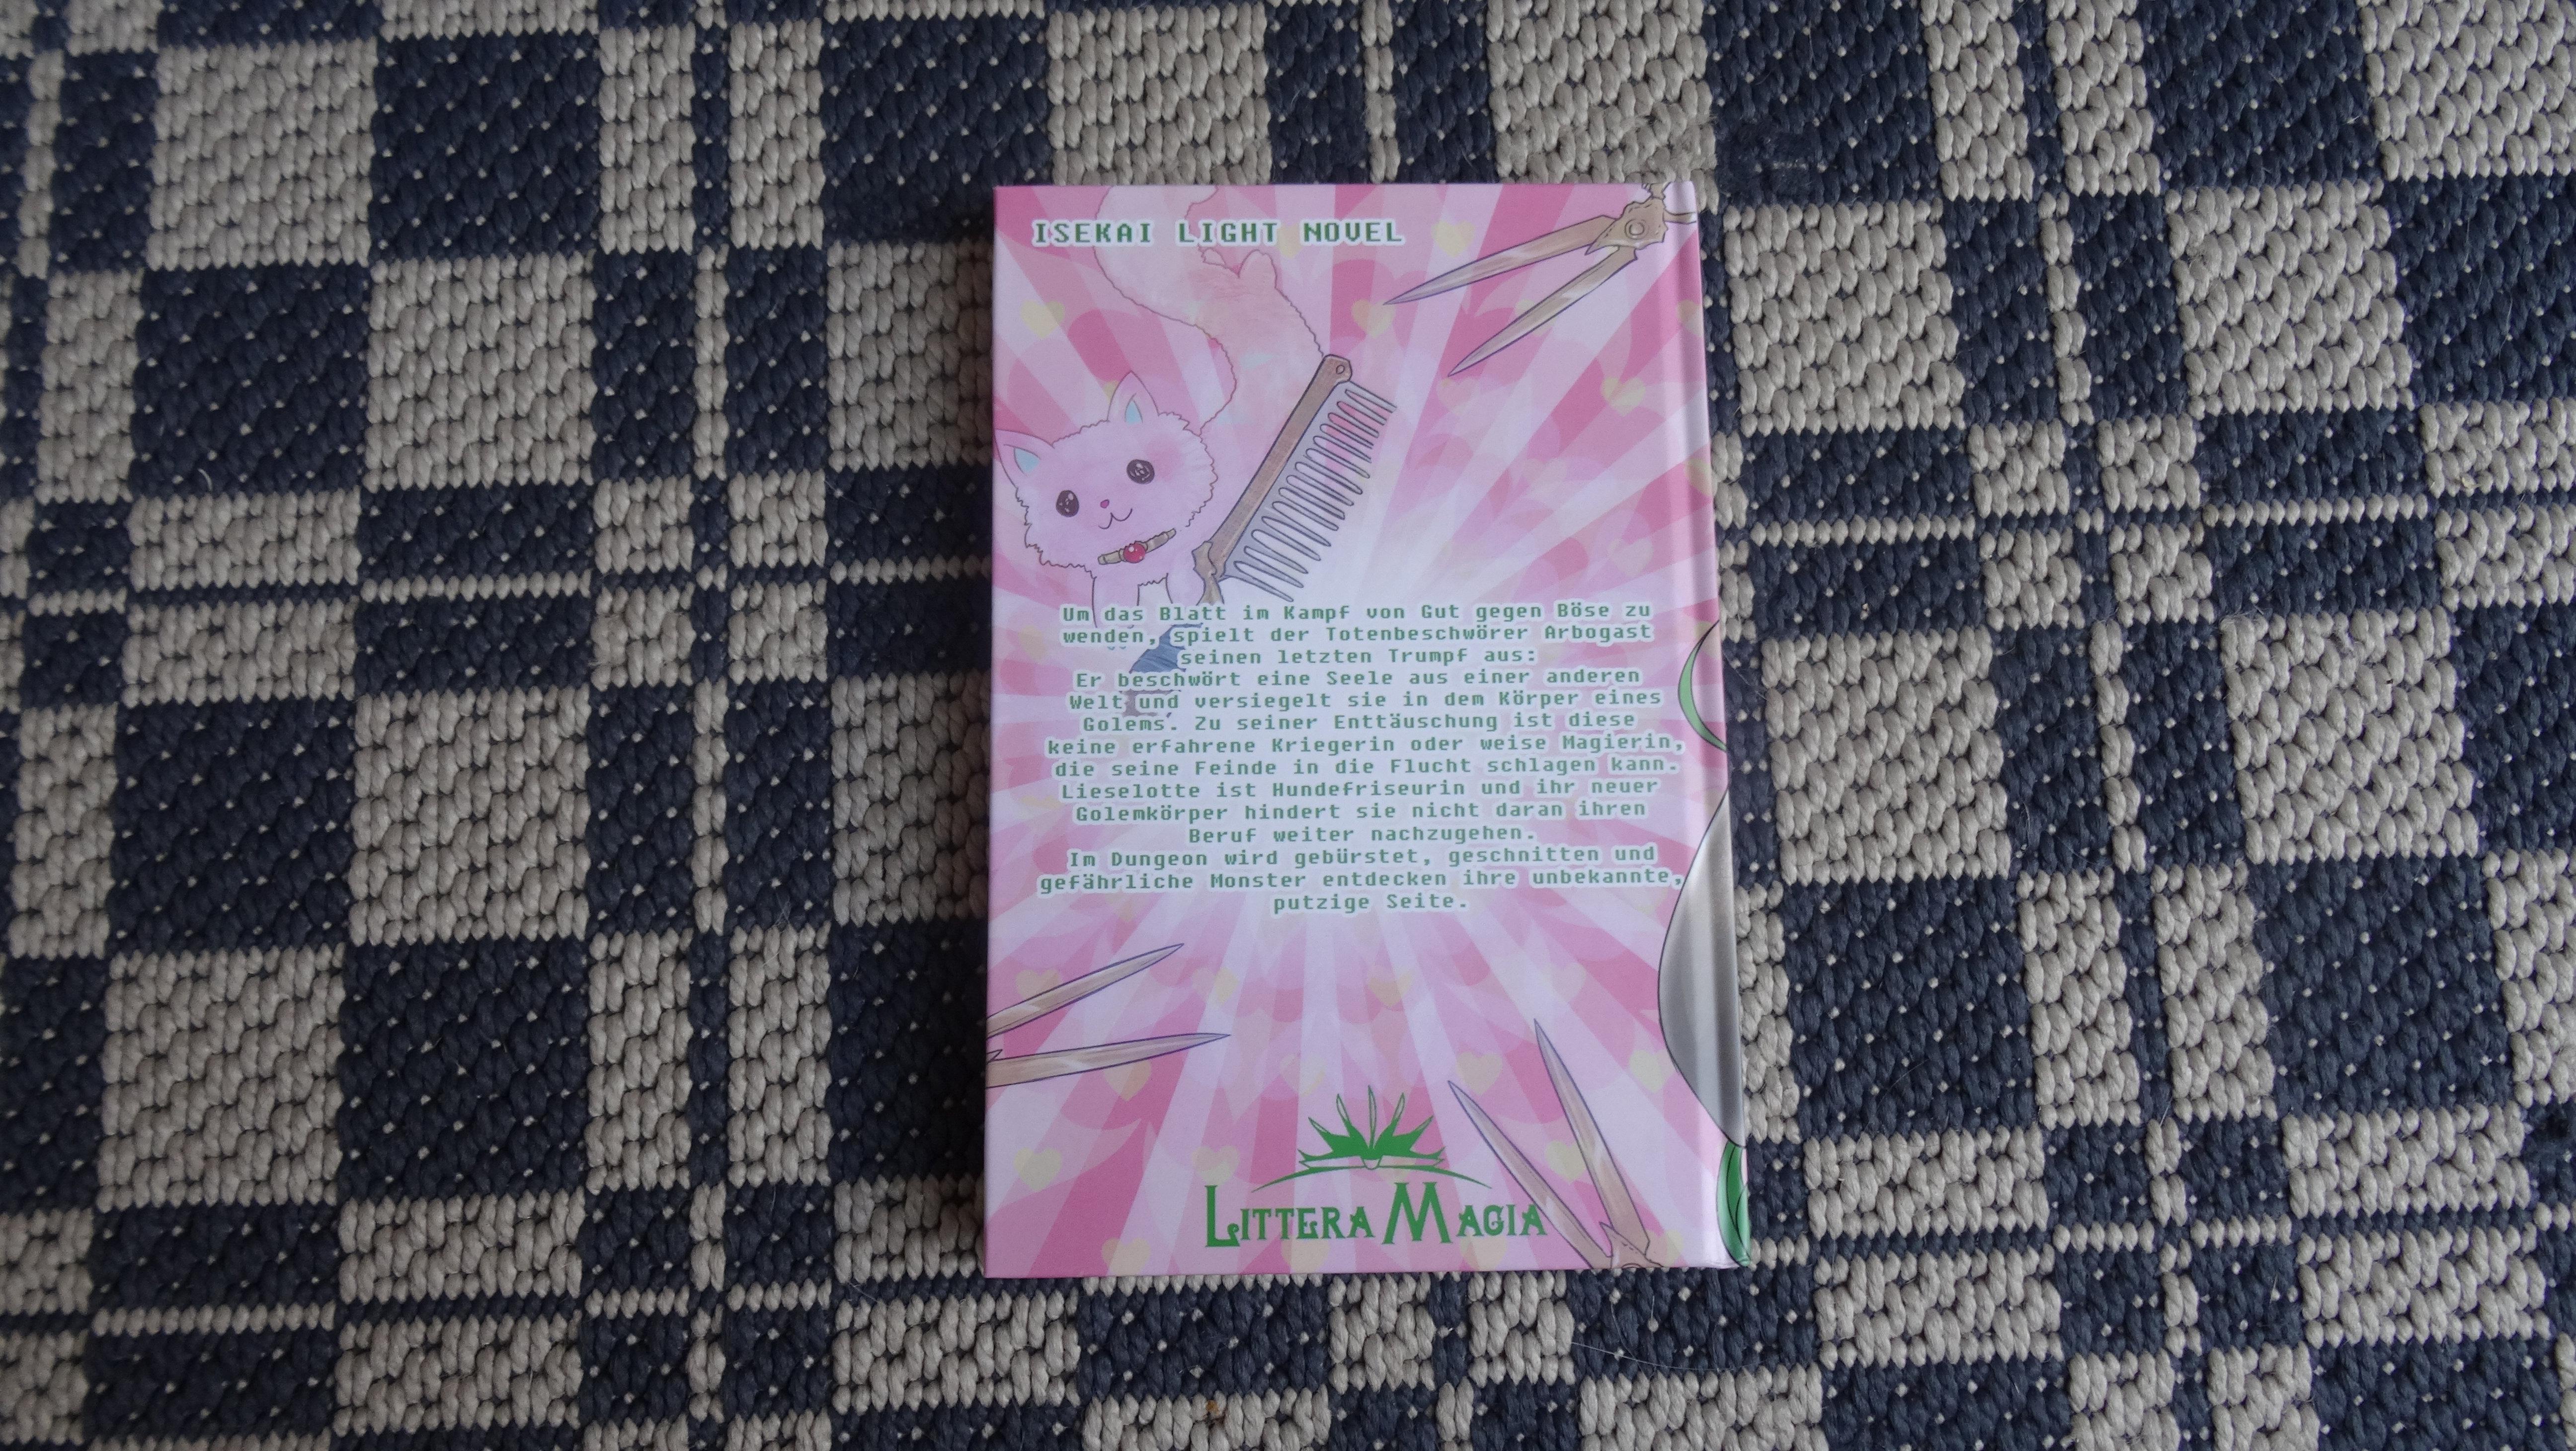 Rückseite Isekai-Light-Novel Girlem: Wiedergeboren als Golem!? Monsterfriseurin in einer anderen Welt!